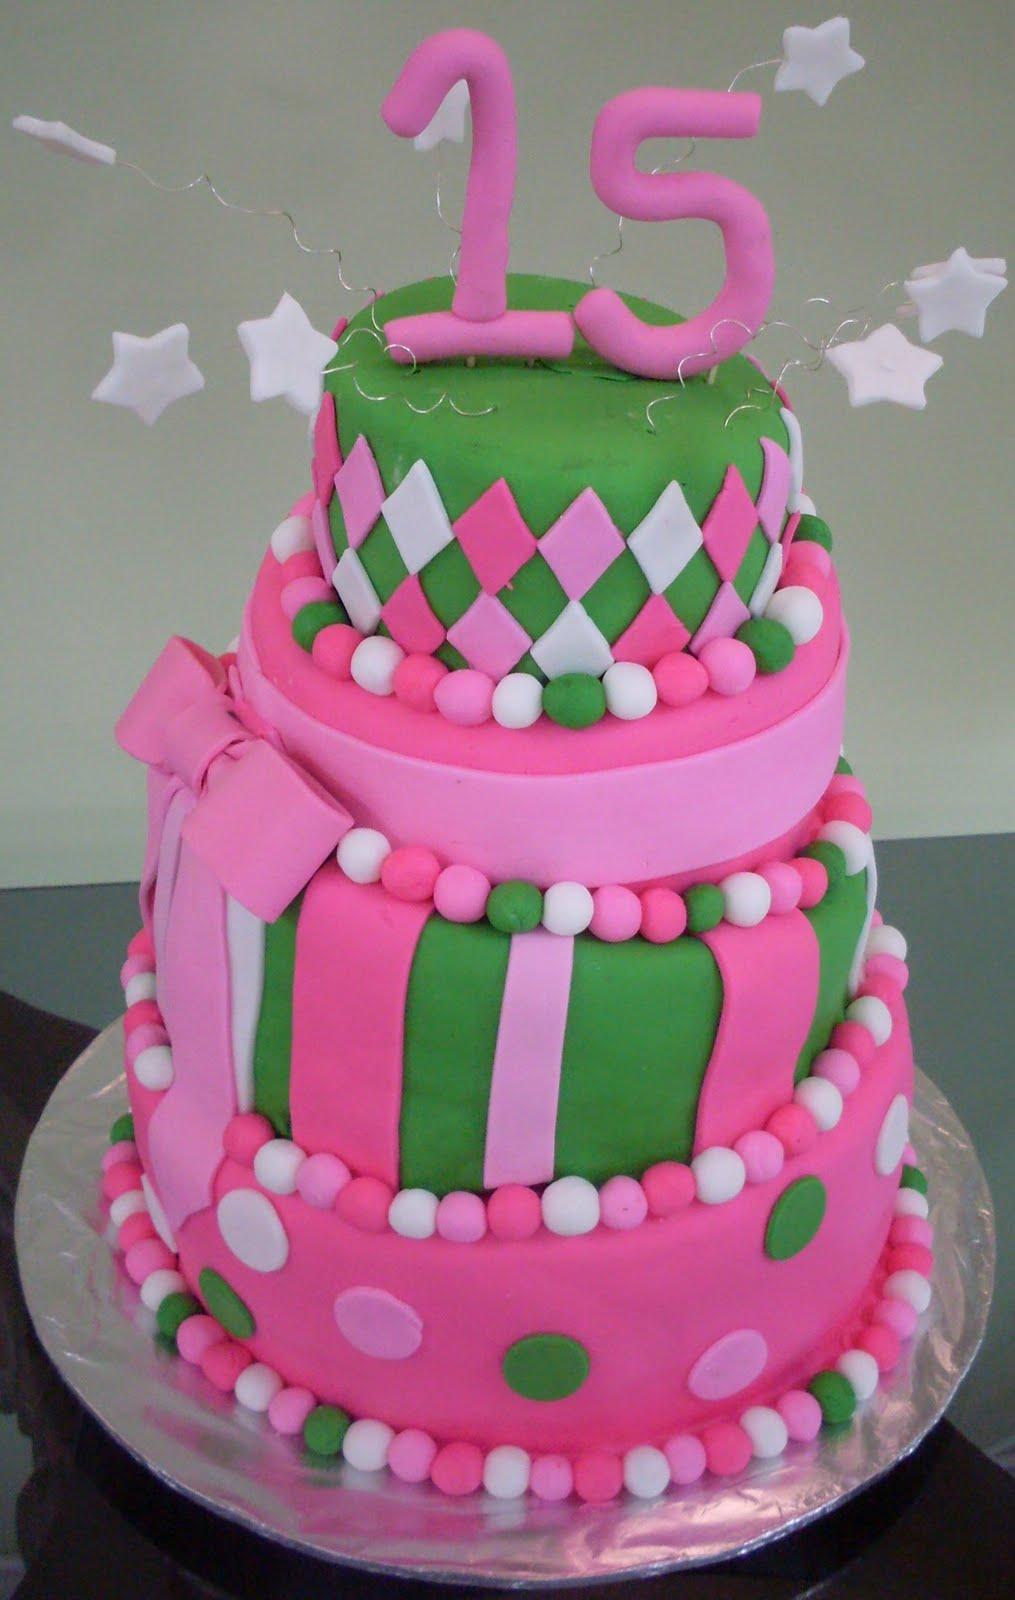 los pasteles fondant se ven muy bonitos en las fiestas pero mas